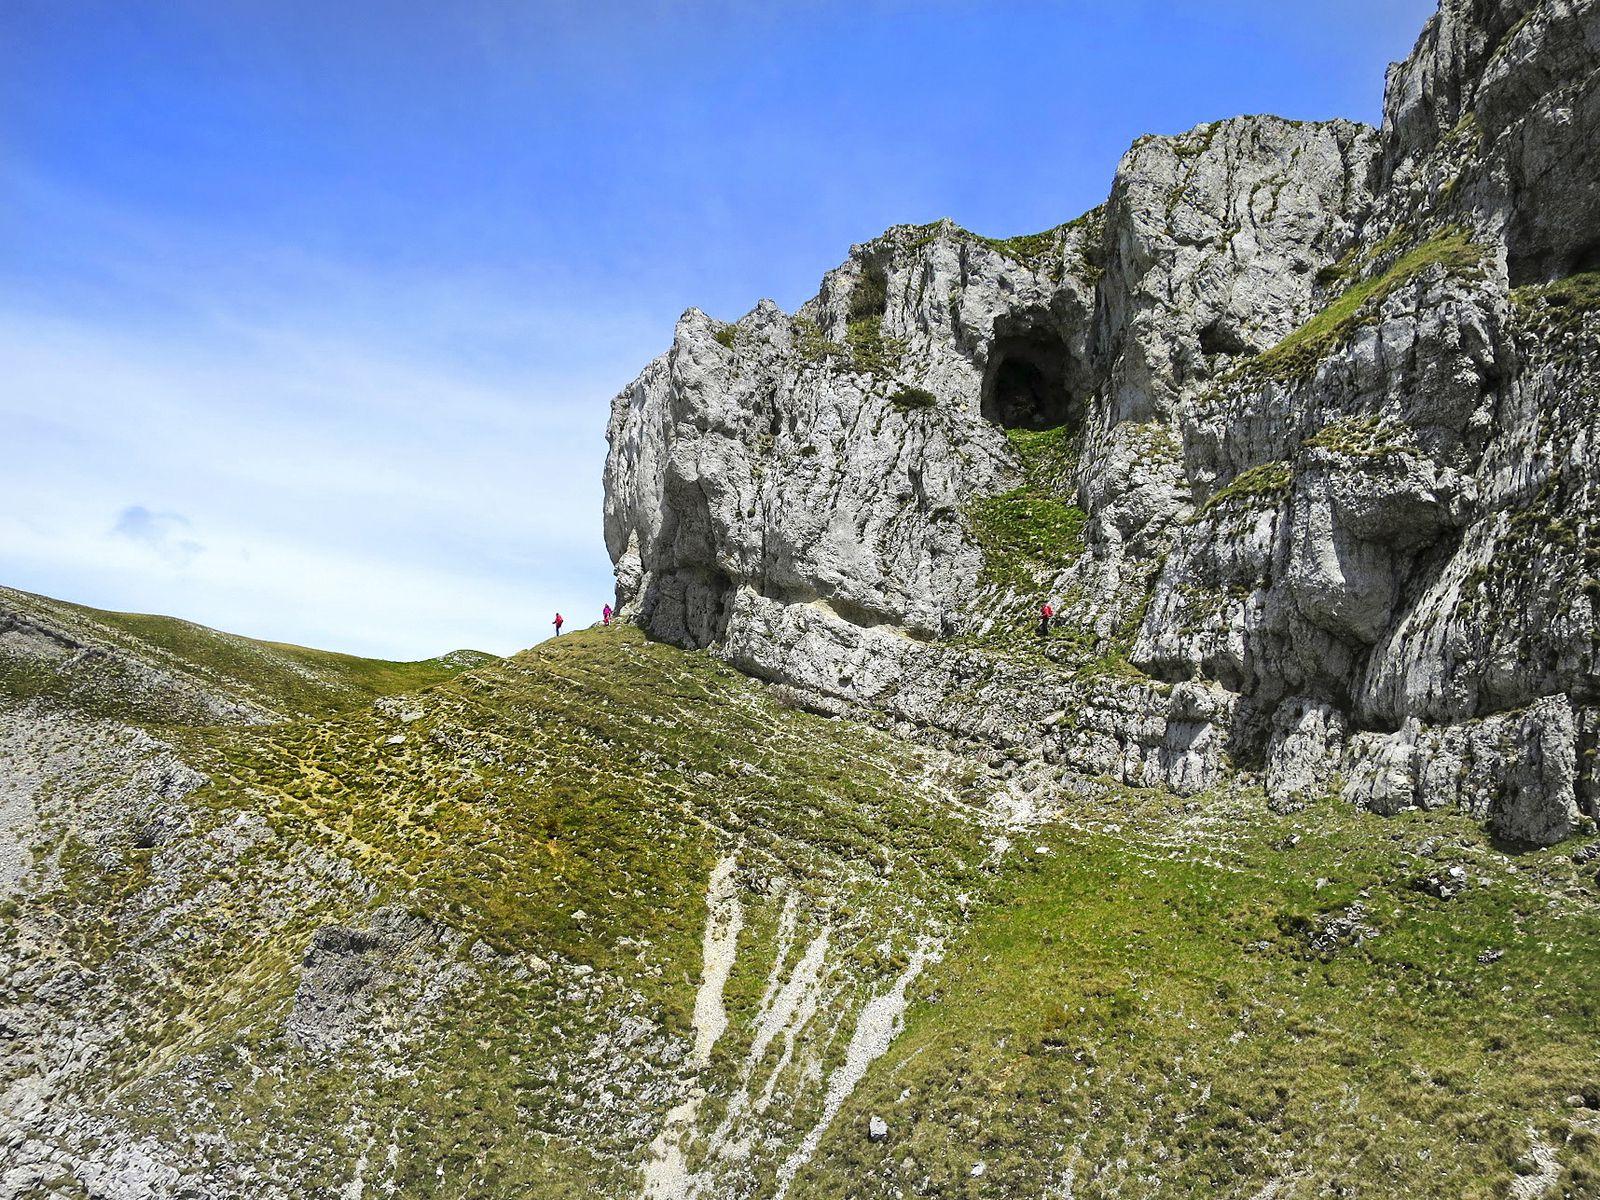 En passant sous cette grotte, les derniers mètres avant de rejoindre le plateau facilement.